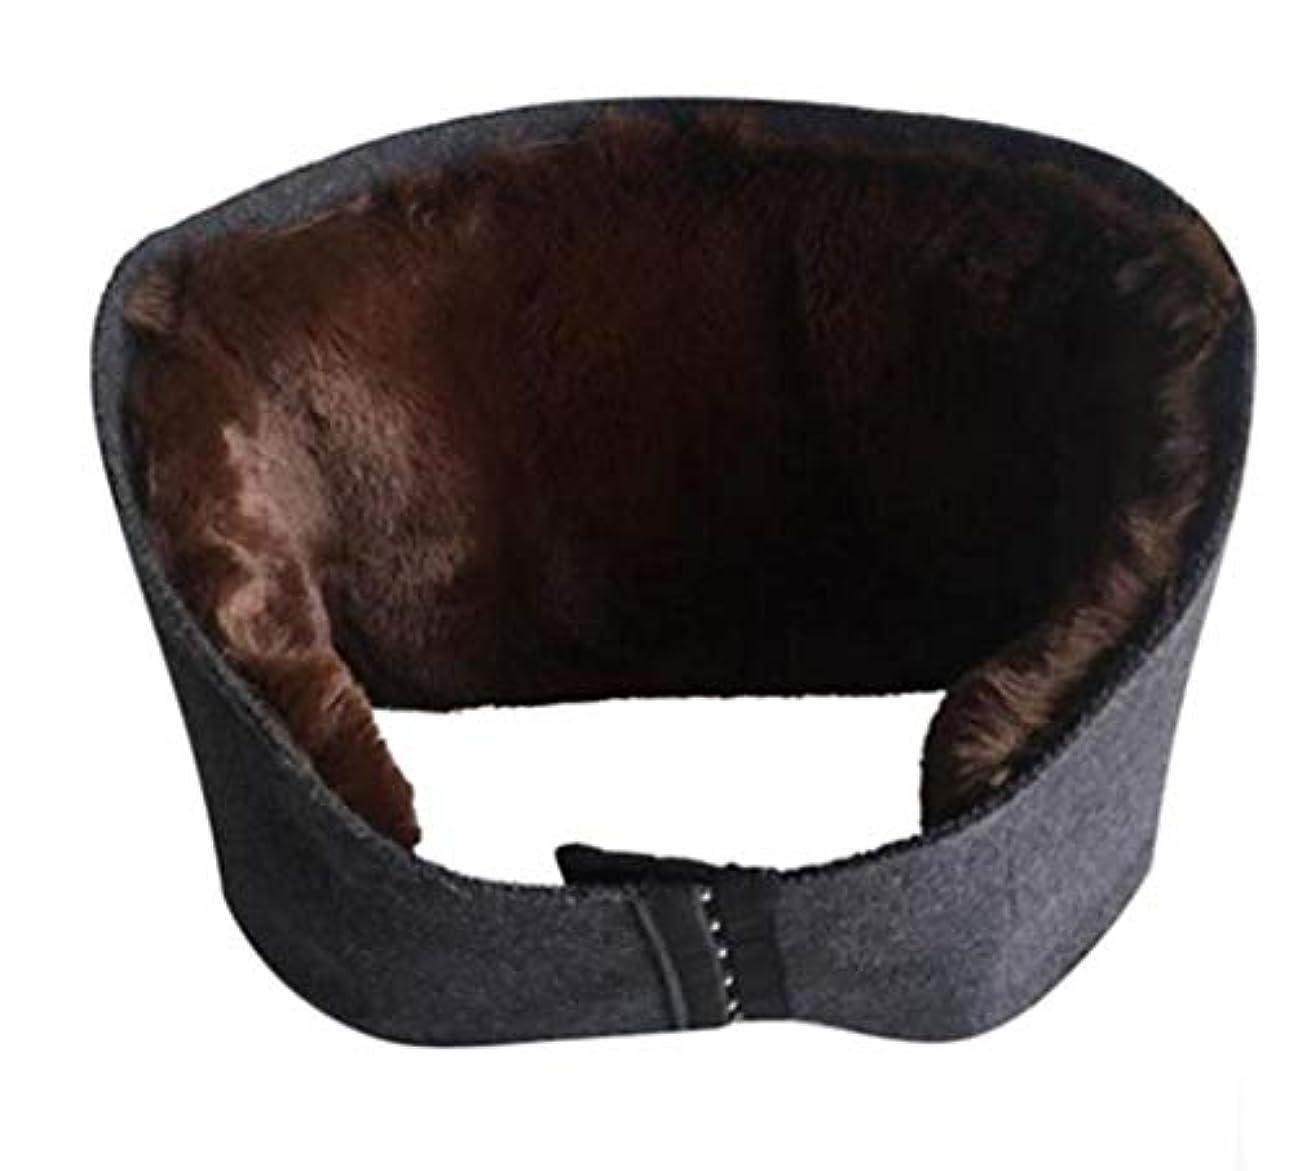 物語シロナガスクジラリンス腰暖かいベルト、ウール医療ウエストサポートベルト運動/作業/フィットネス保護ギア、男性と女性のための適切な鎮痛暖かい腰のサポート、